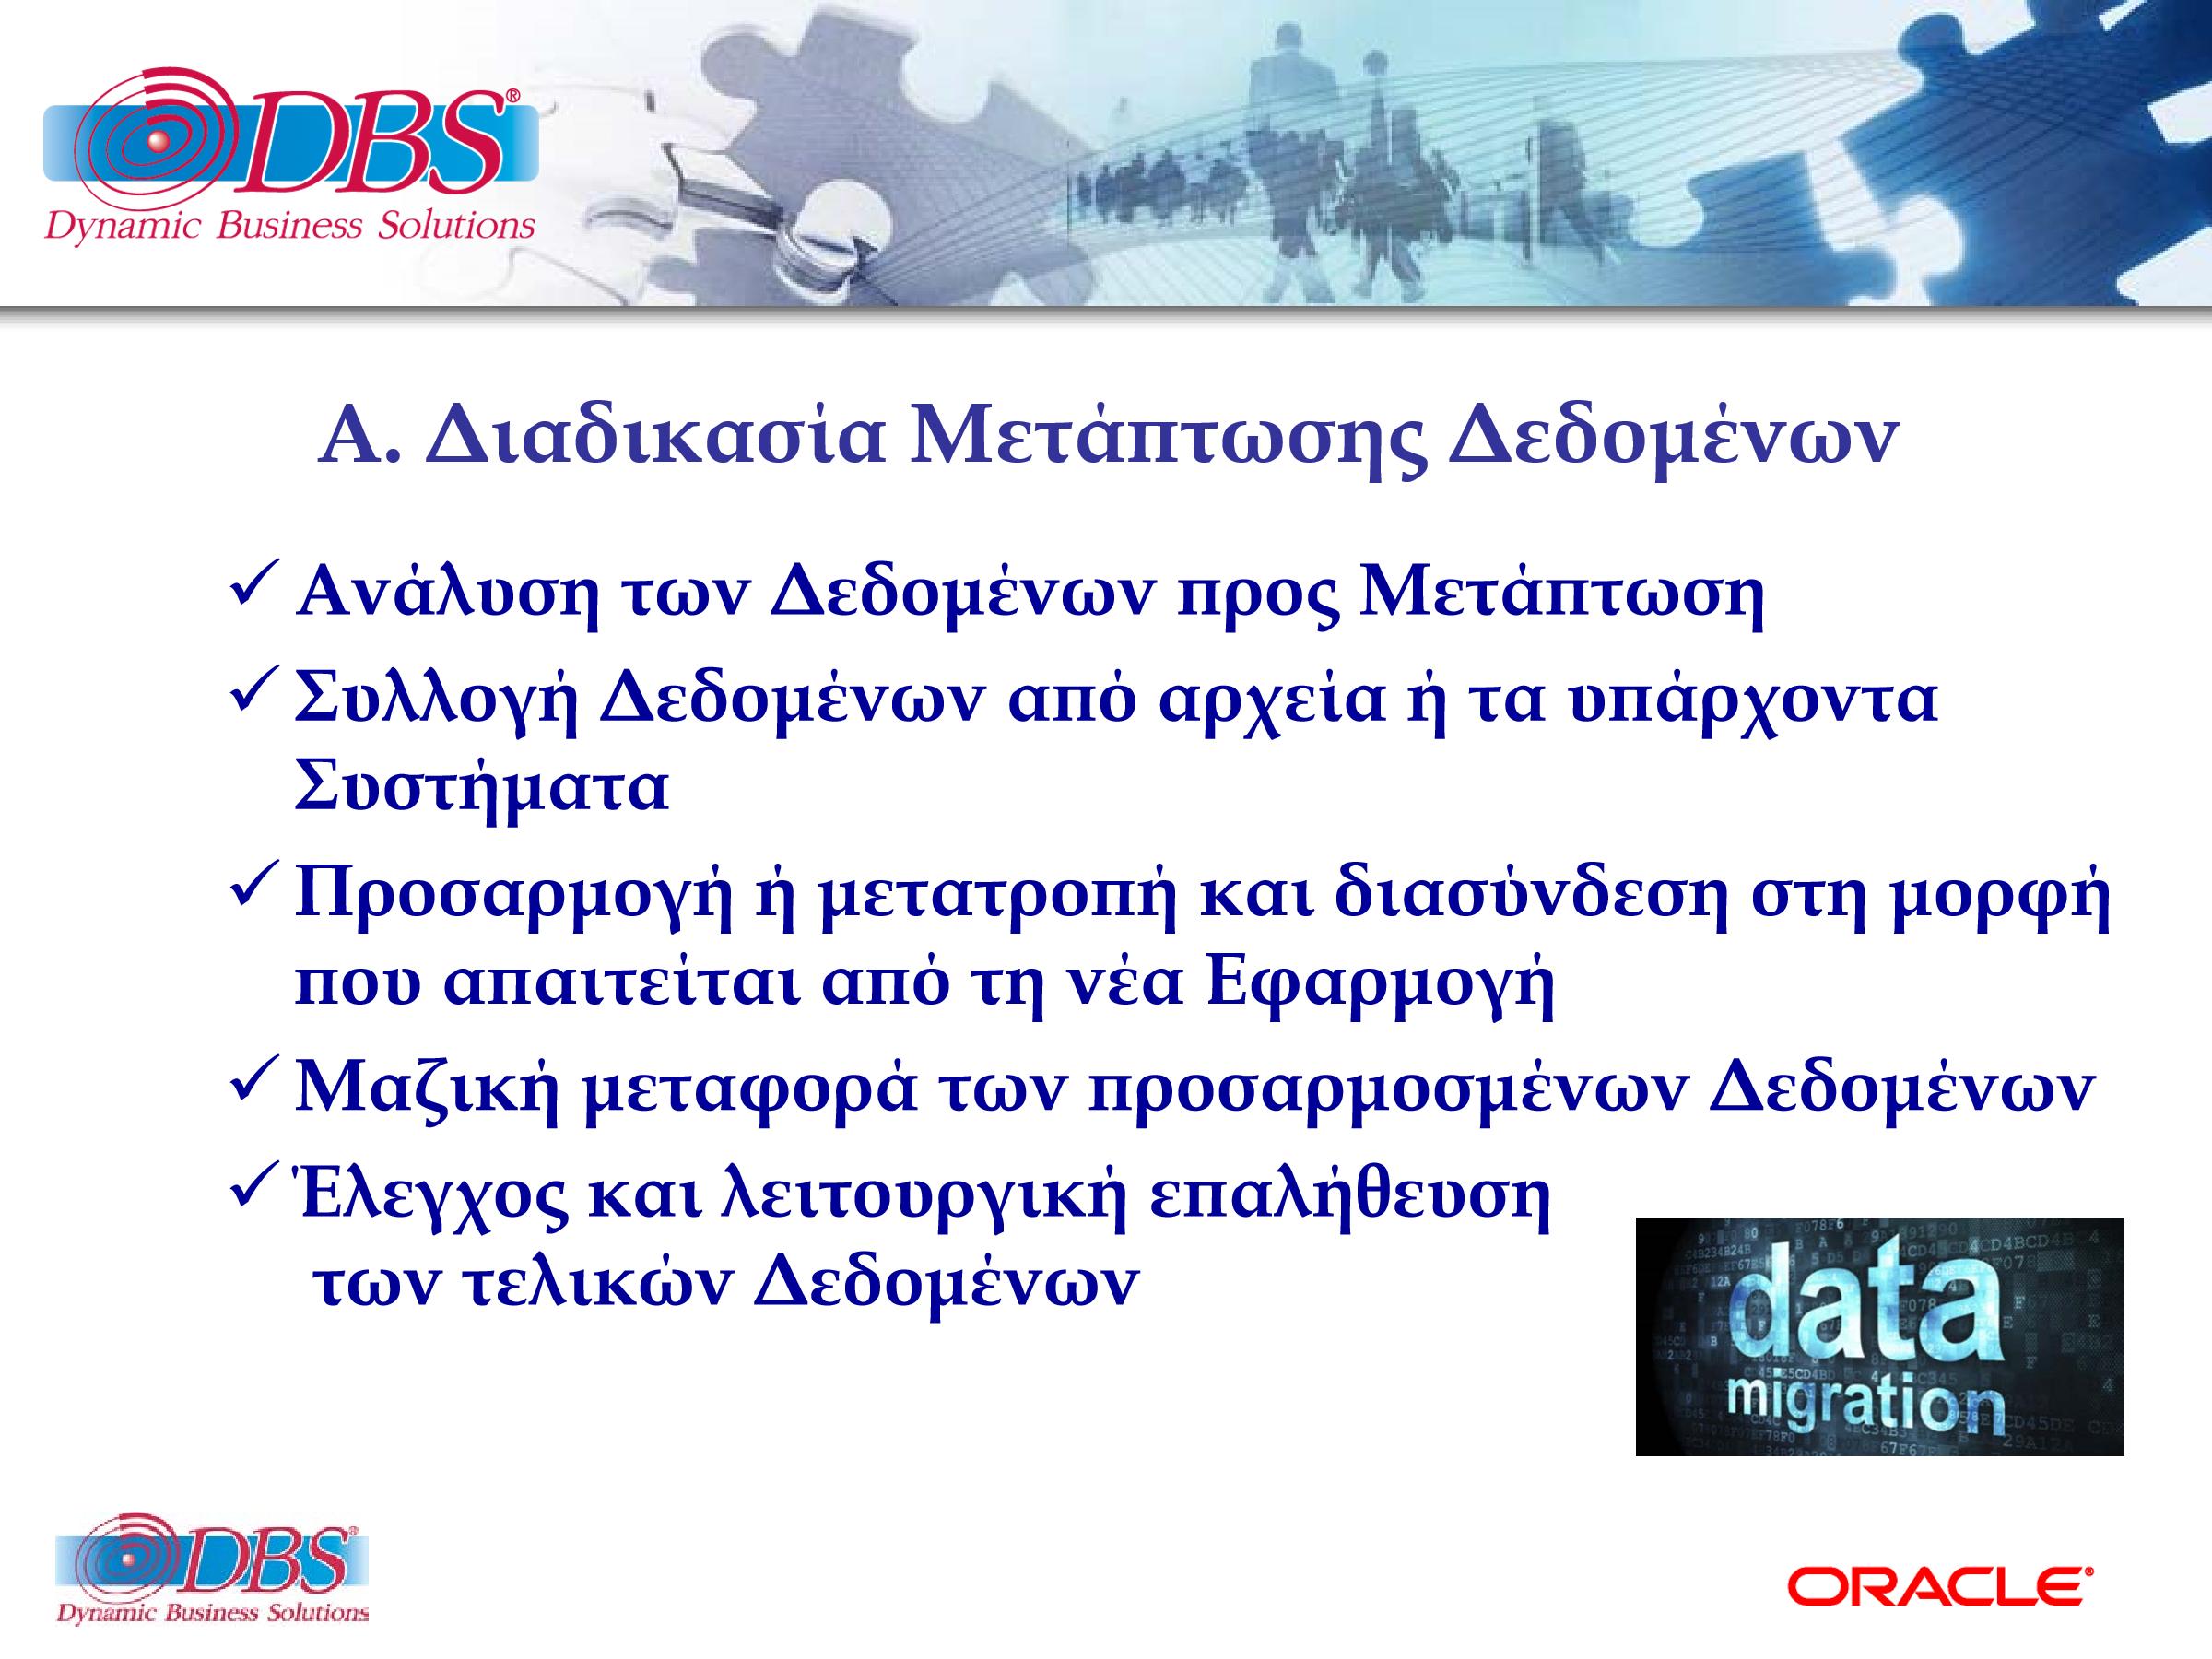 DBSDEMO2019_COMPANY_SERVICES_V18_R12-EL-3